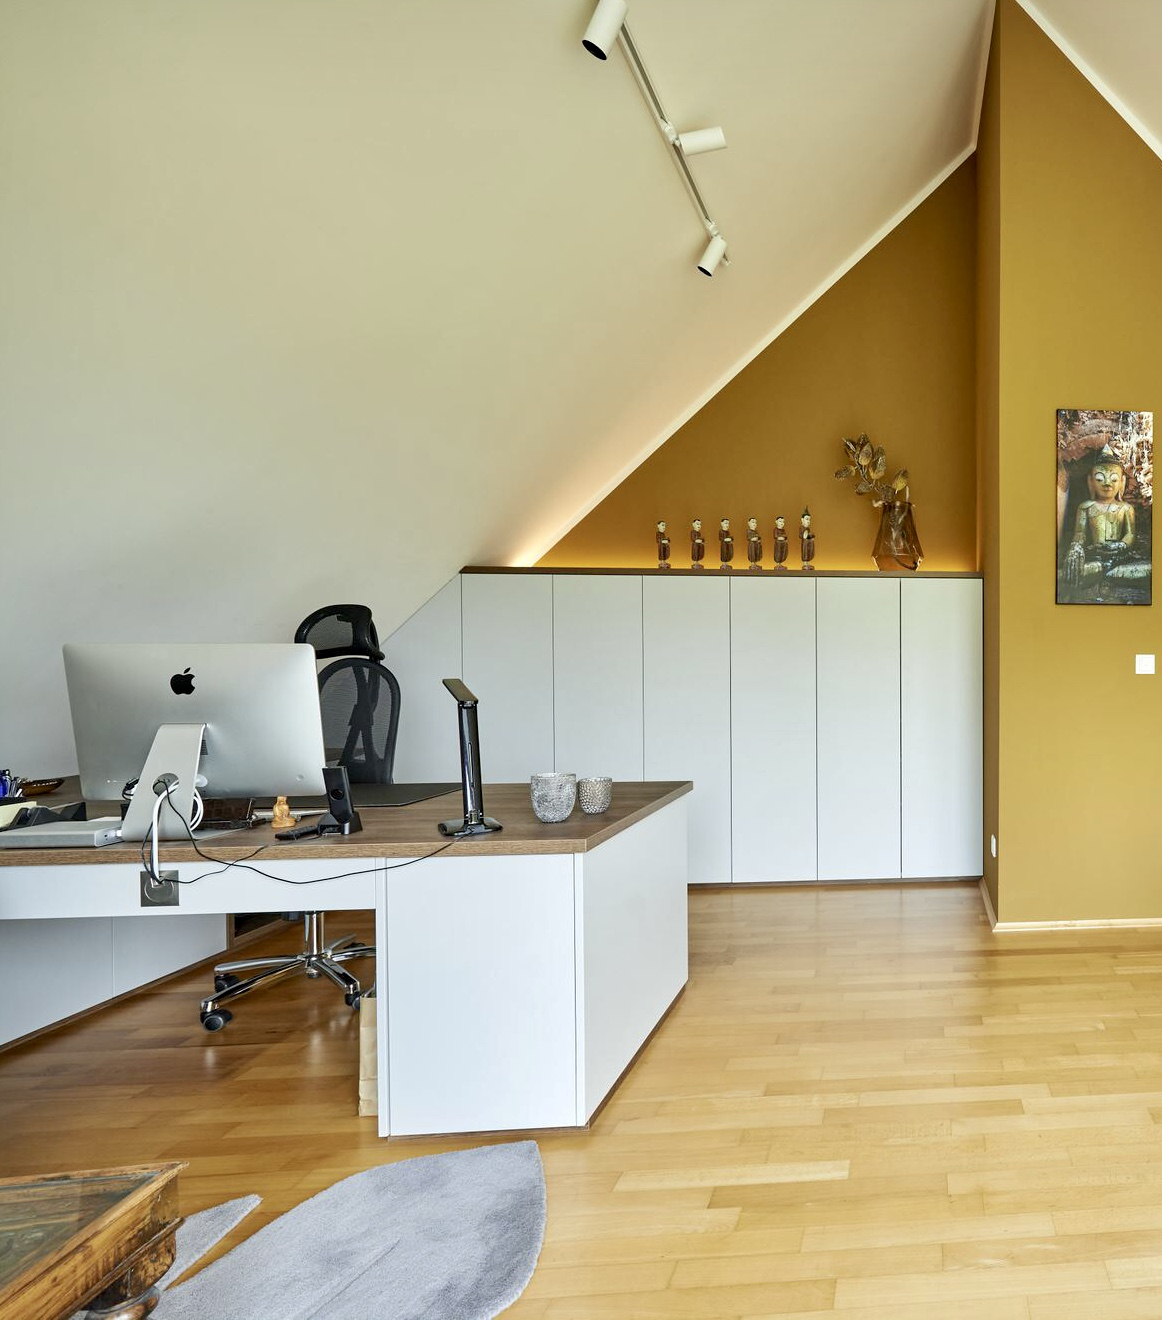 www.ideenraumgeben.de-umgestaltung-eines-grossen-home-office-mit-toller-aussicht-9e2833b6-e00a-49fa-9d94-1cef1b7804cf